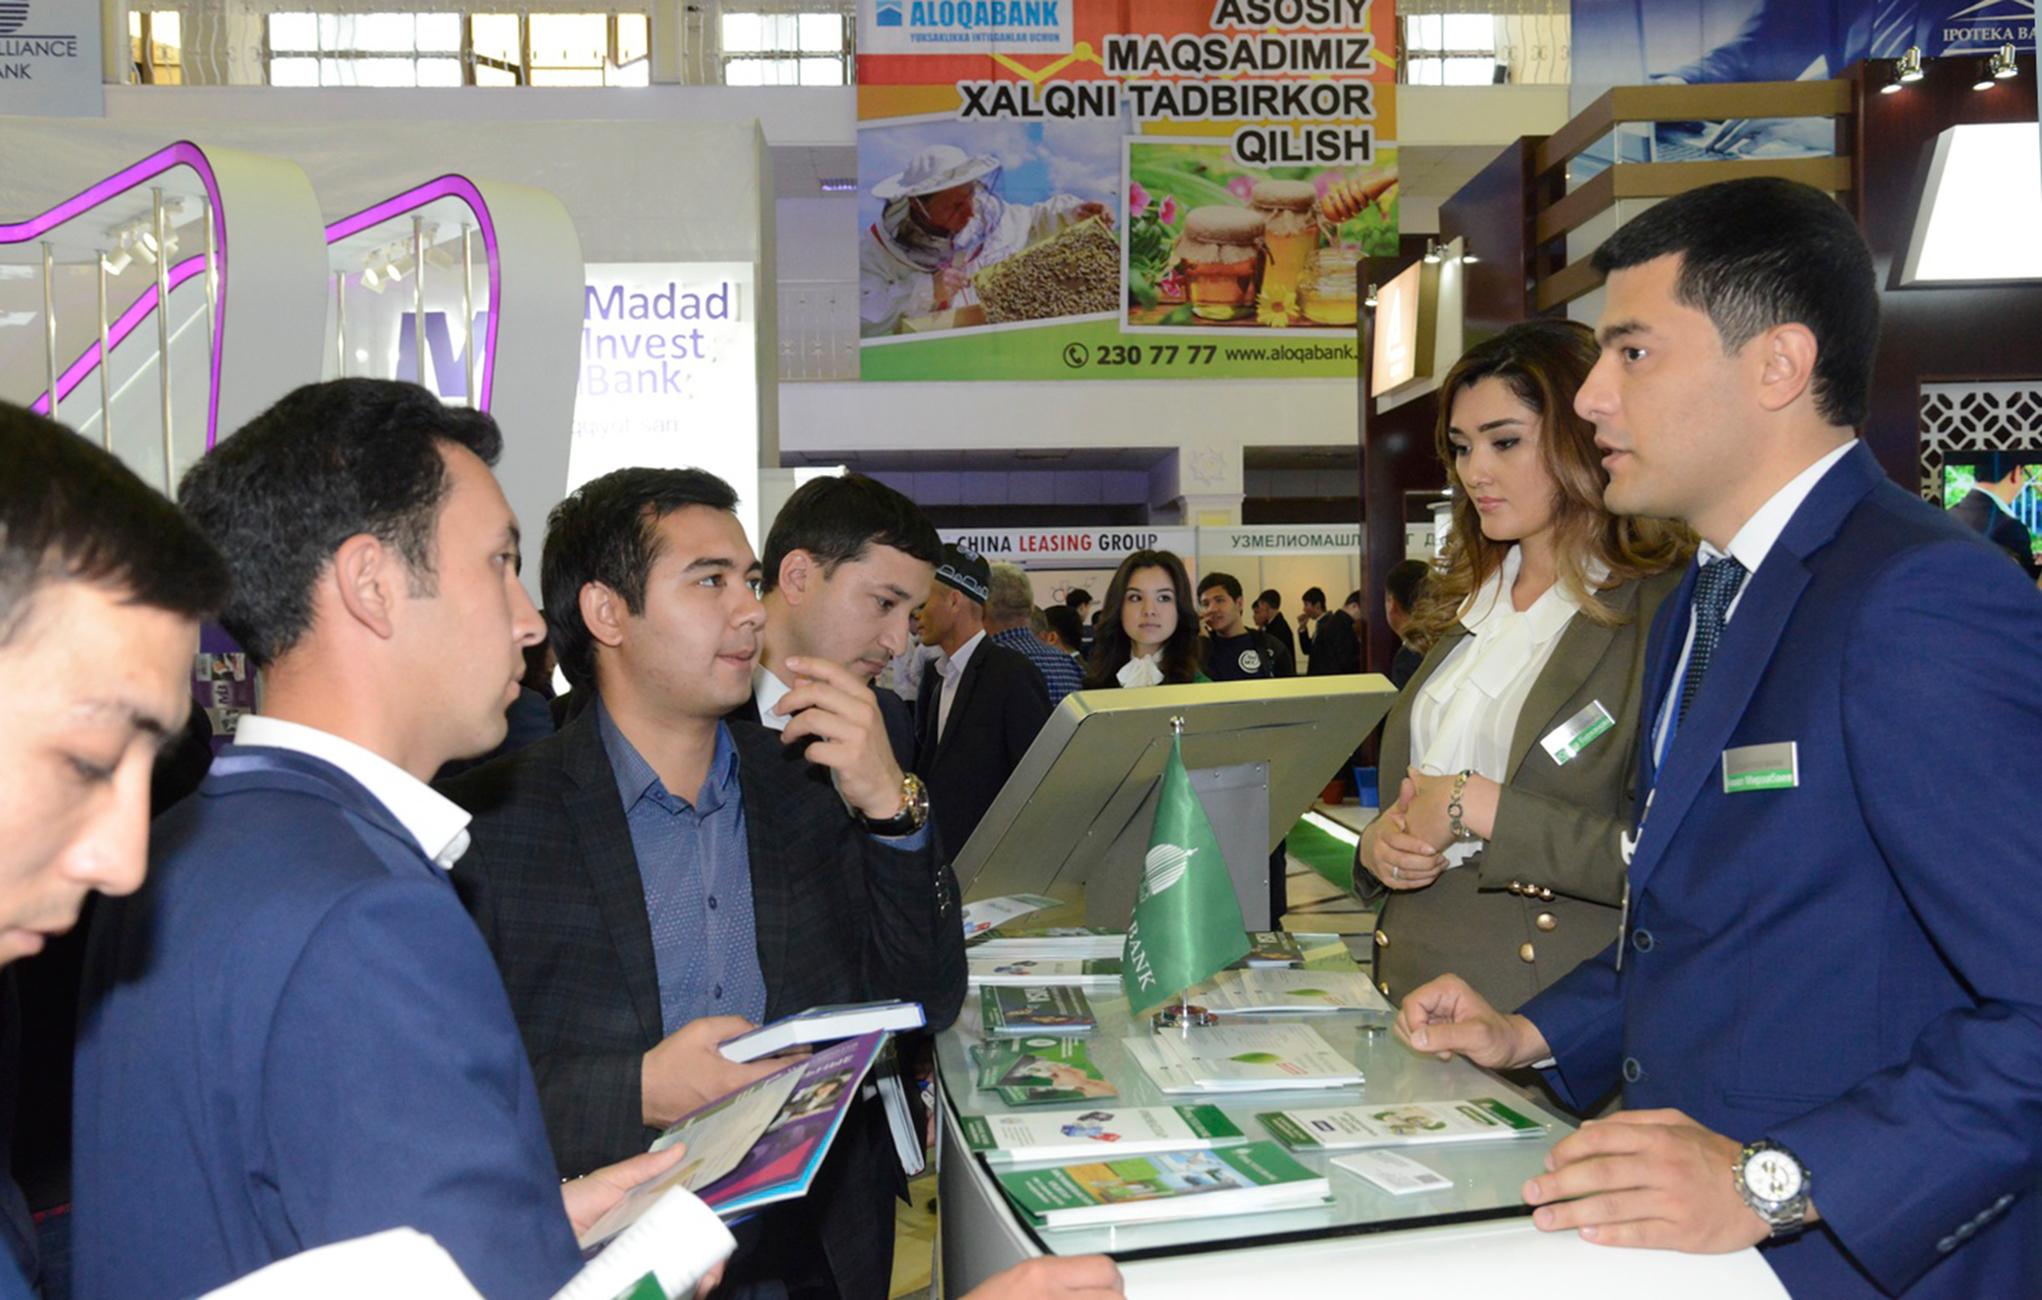 Представители банка «Ипак Йули» рассказывают об услугах банка на выставке Bank Expo 2017. Ташкент, 12 апреля 2017 г. [Фото Центрального банка]